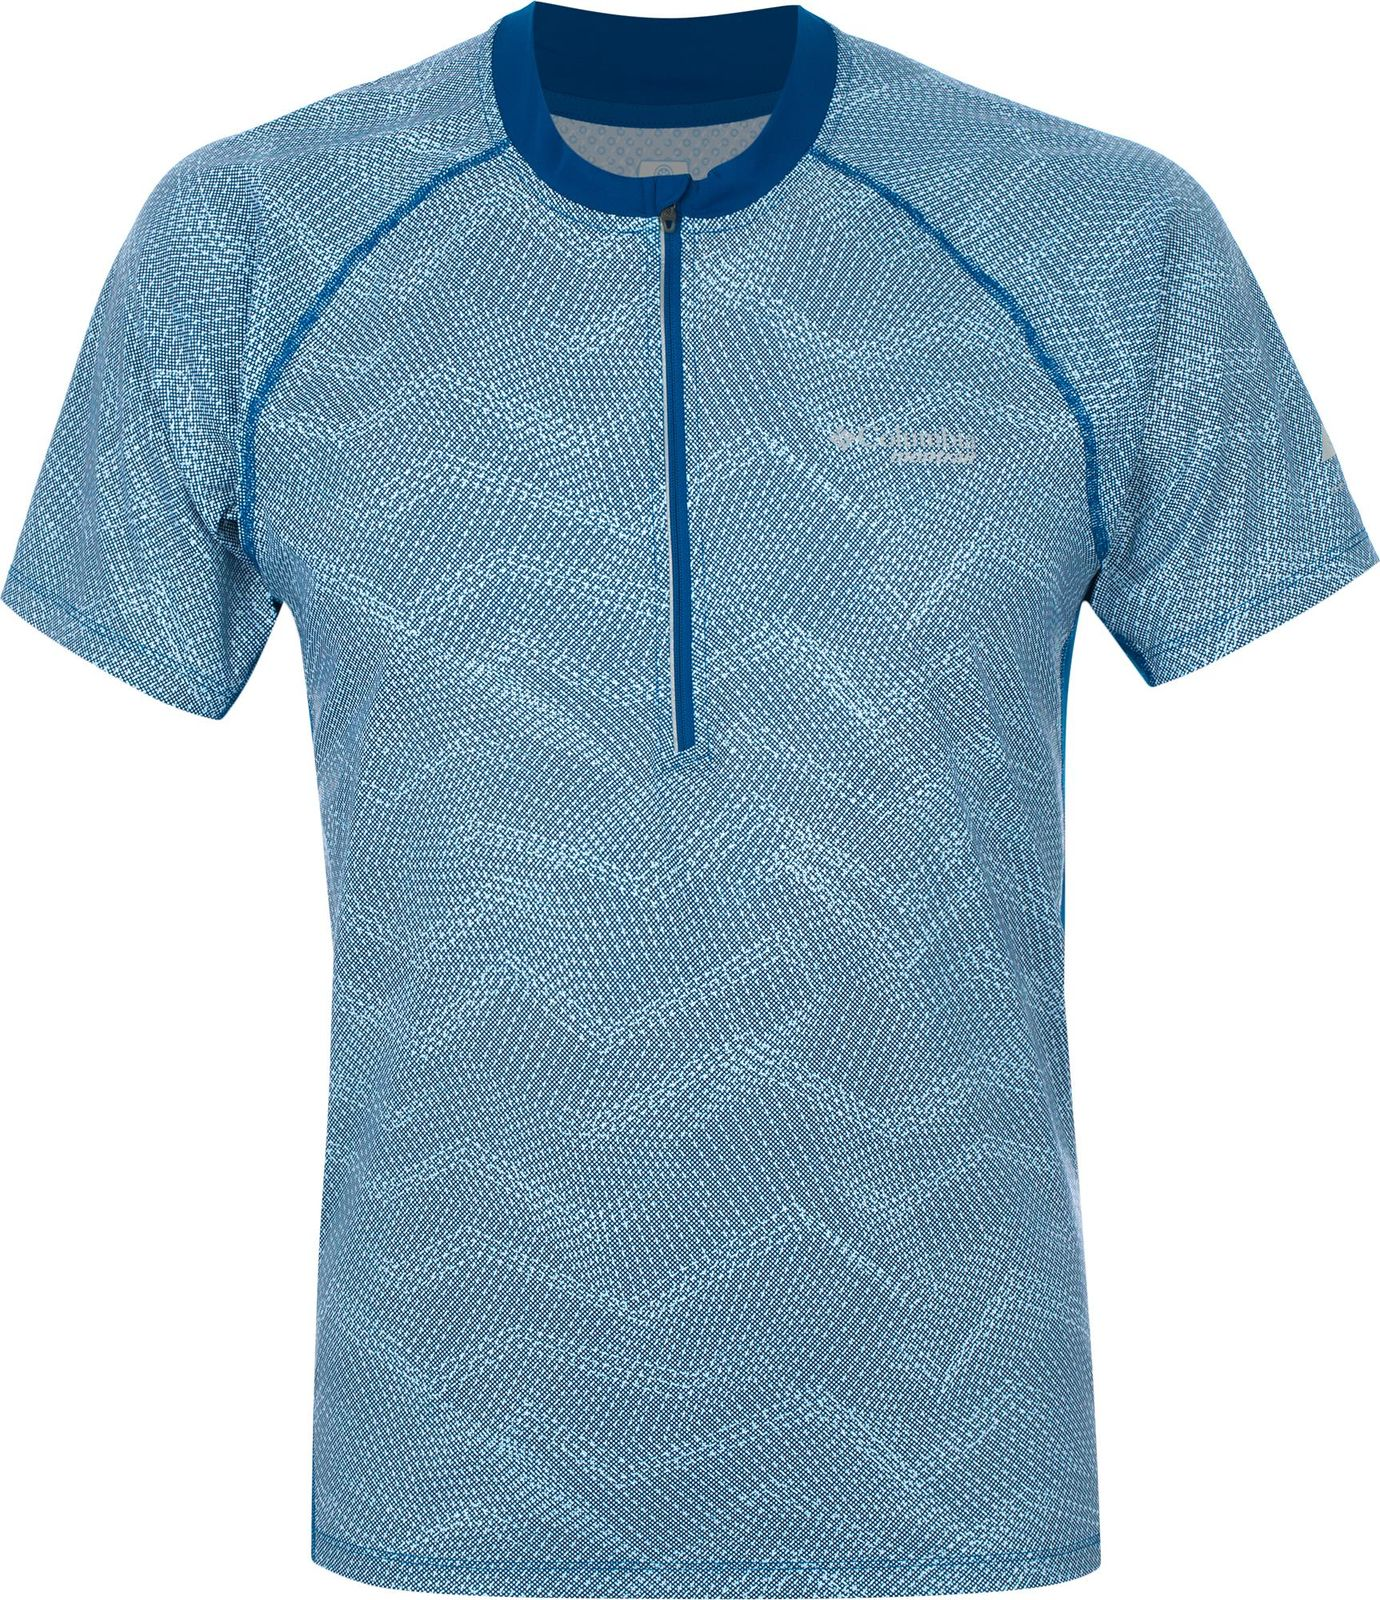 Футболка Columbia F.K.T. II Short Sleeve Shirt